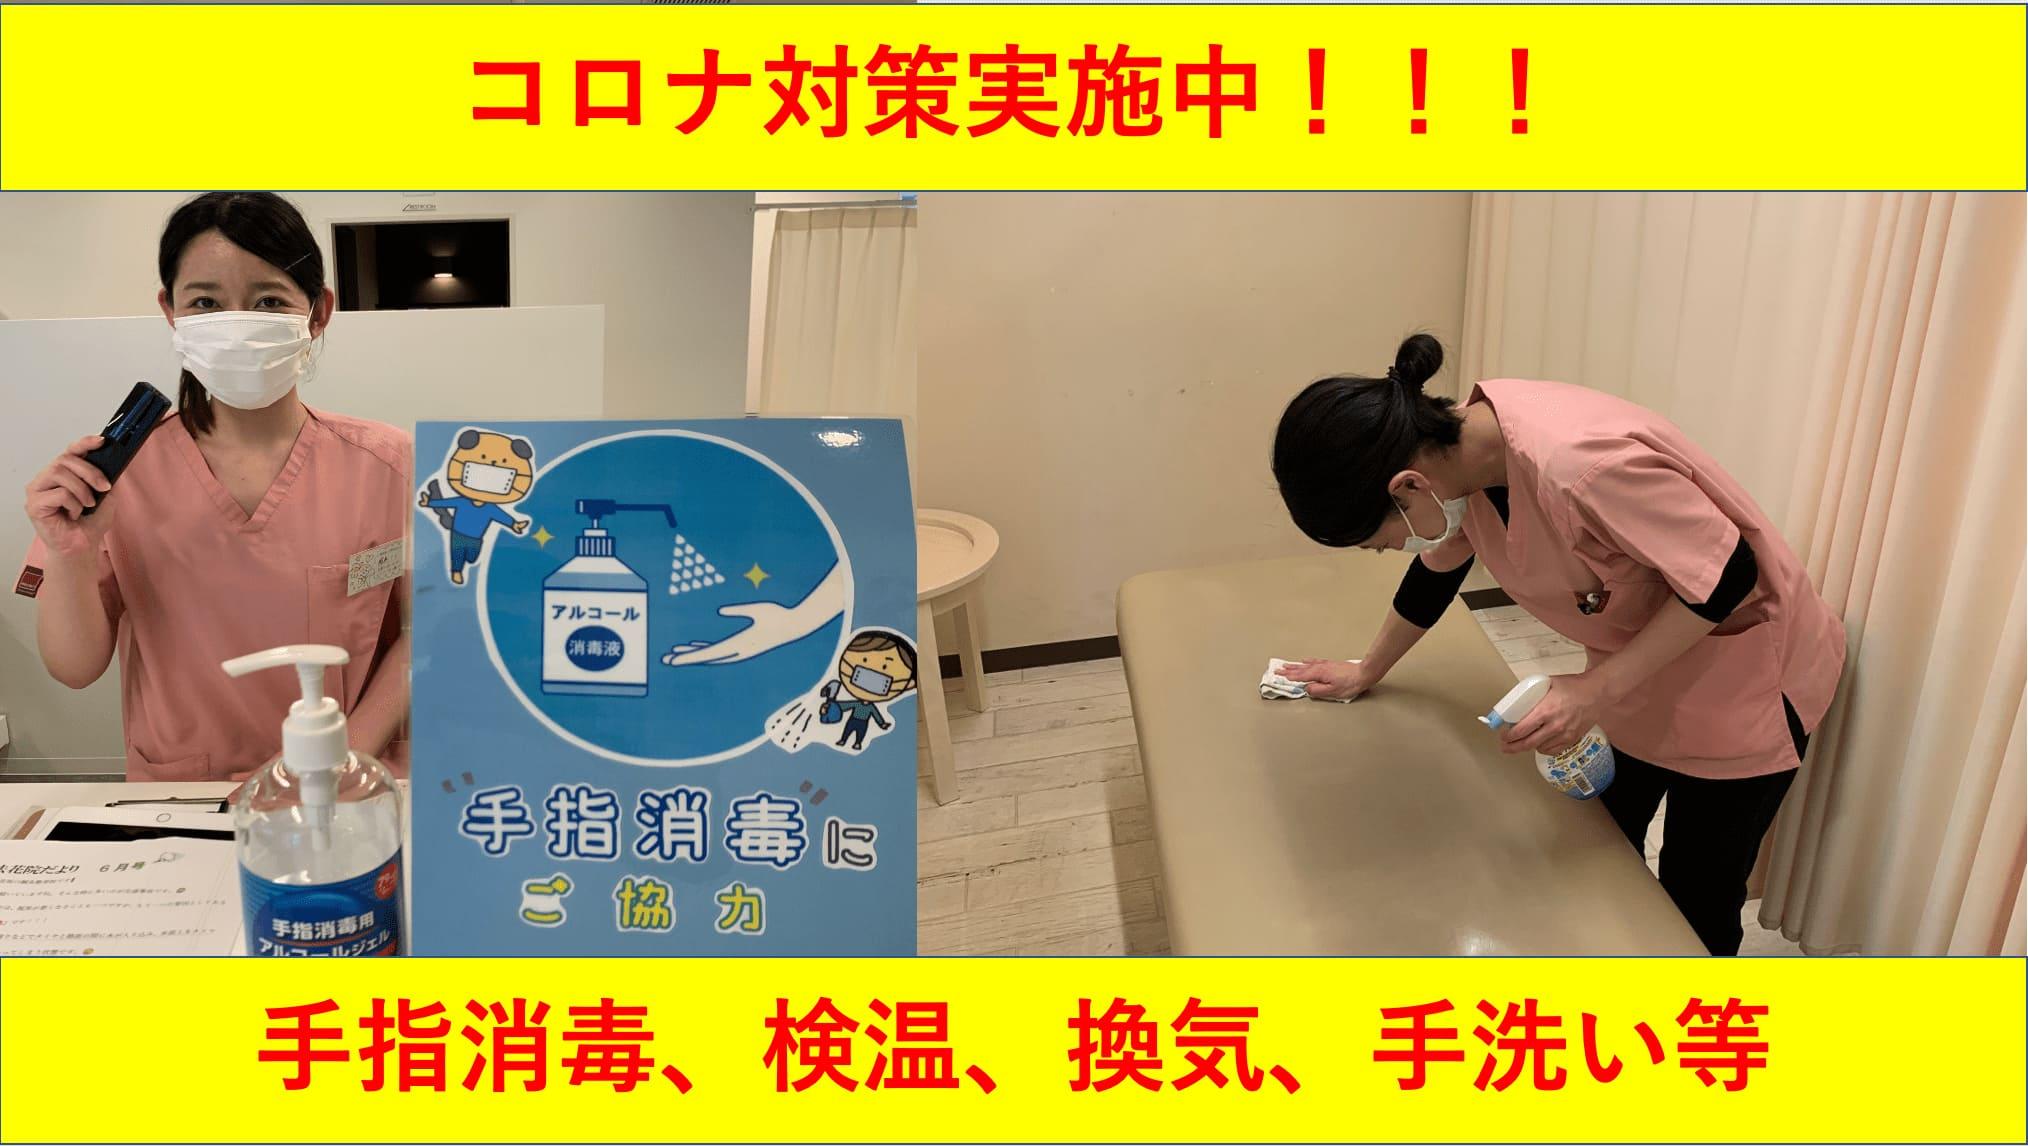 手指消毒・手洗い・検温実施!!